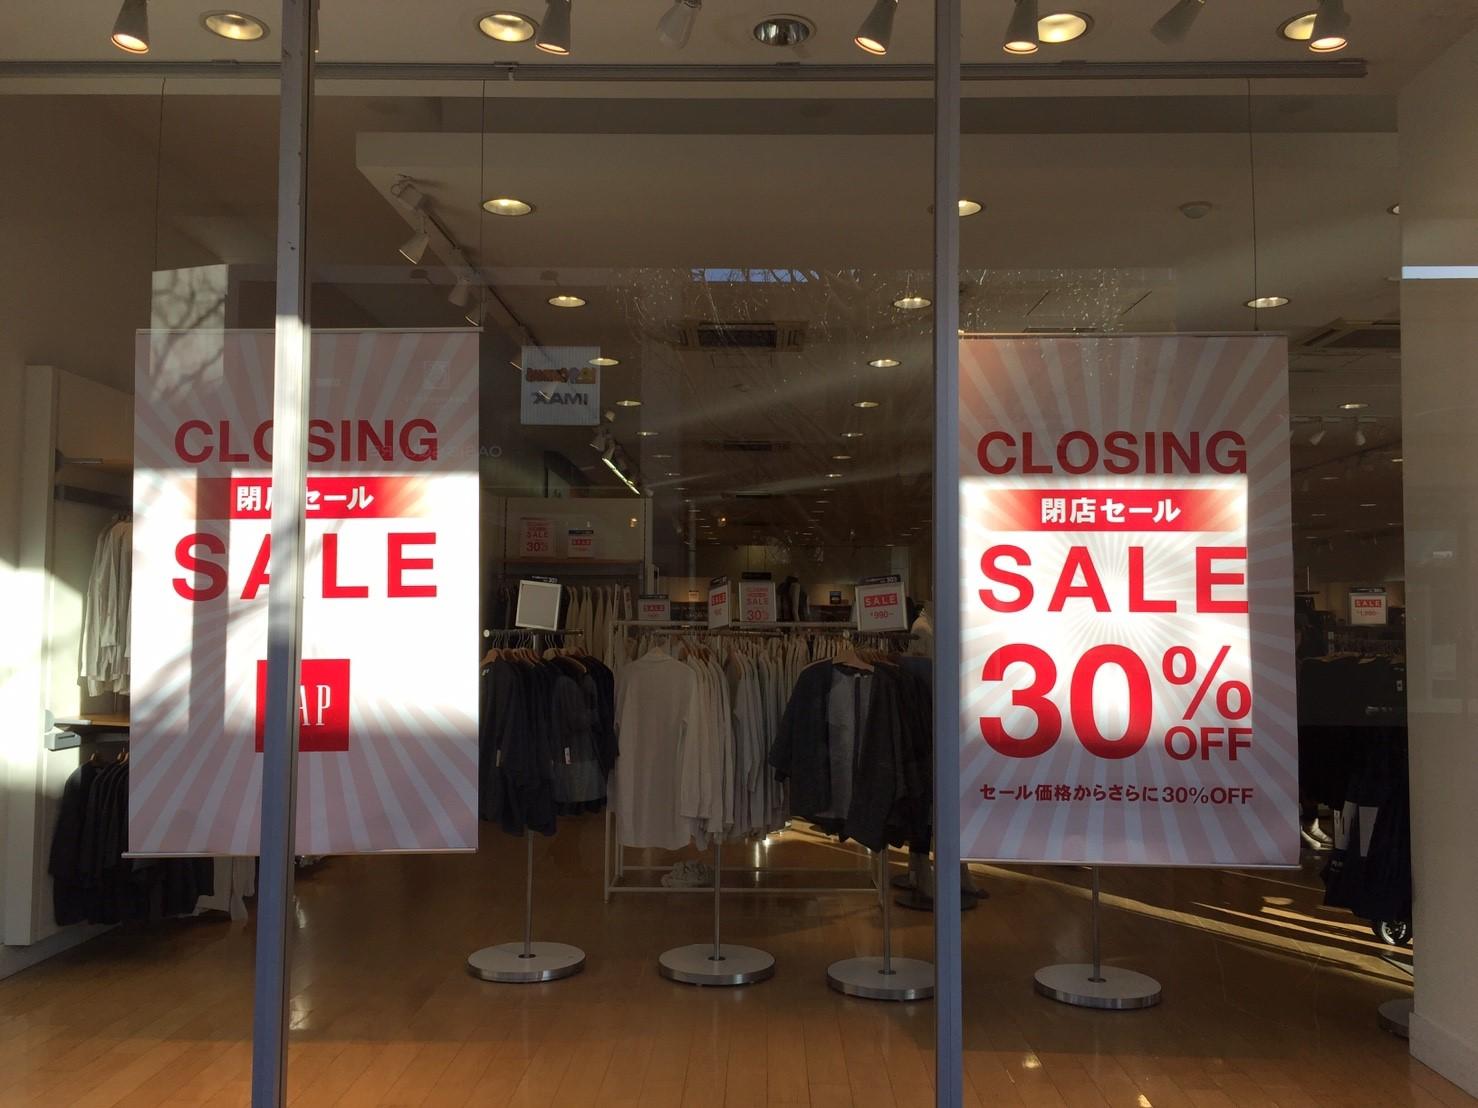 閉店セール30%OFFのGAP